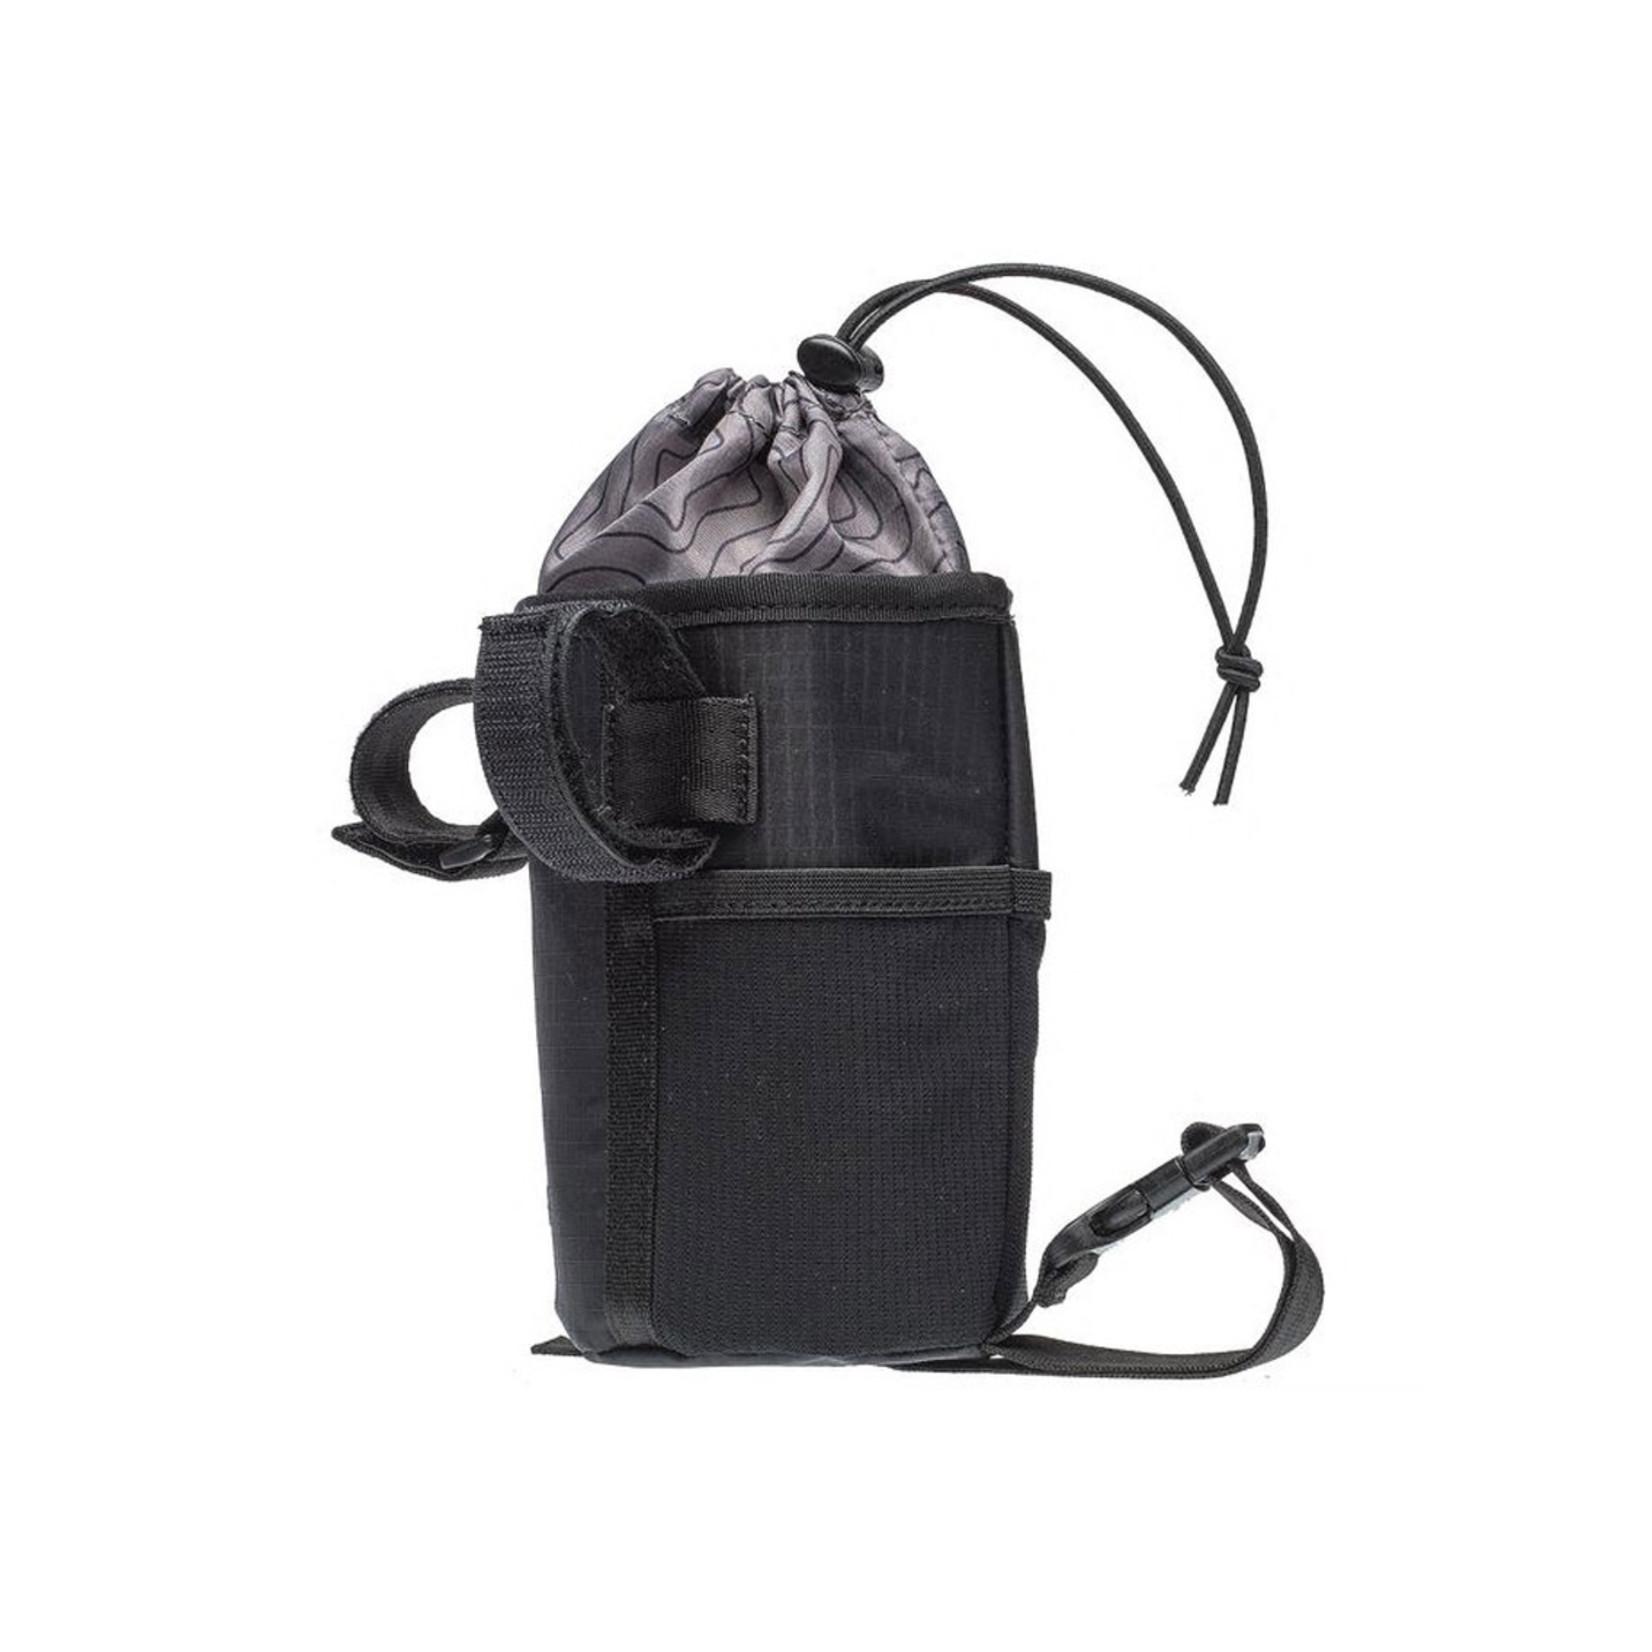 Blackburn Blackburn, Outpost Carryall Bag